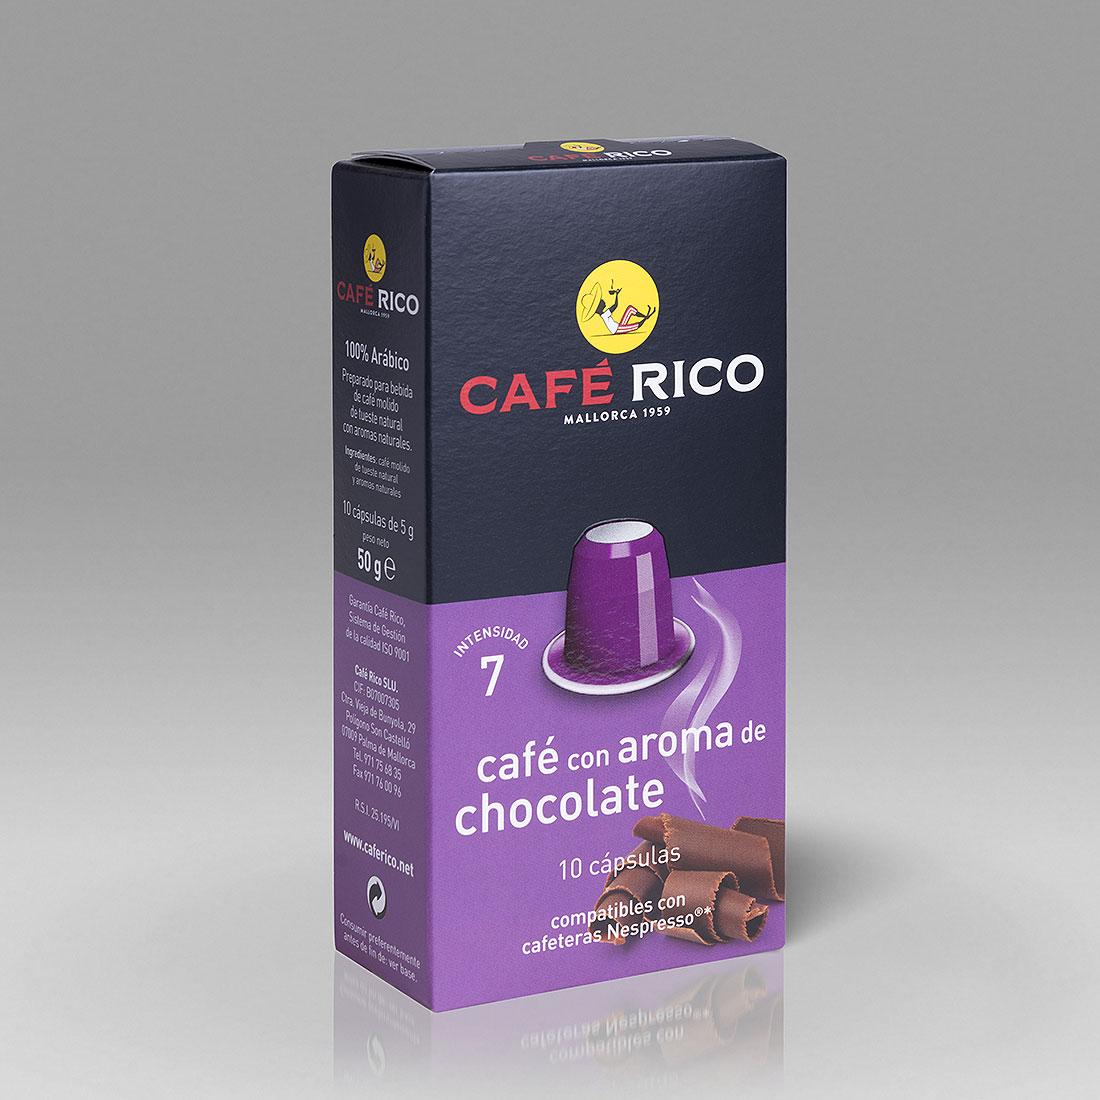 Cafe-Rico-Kapseln-Schokoladenaroma